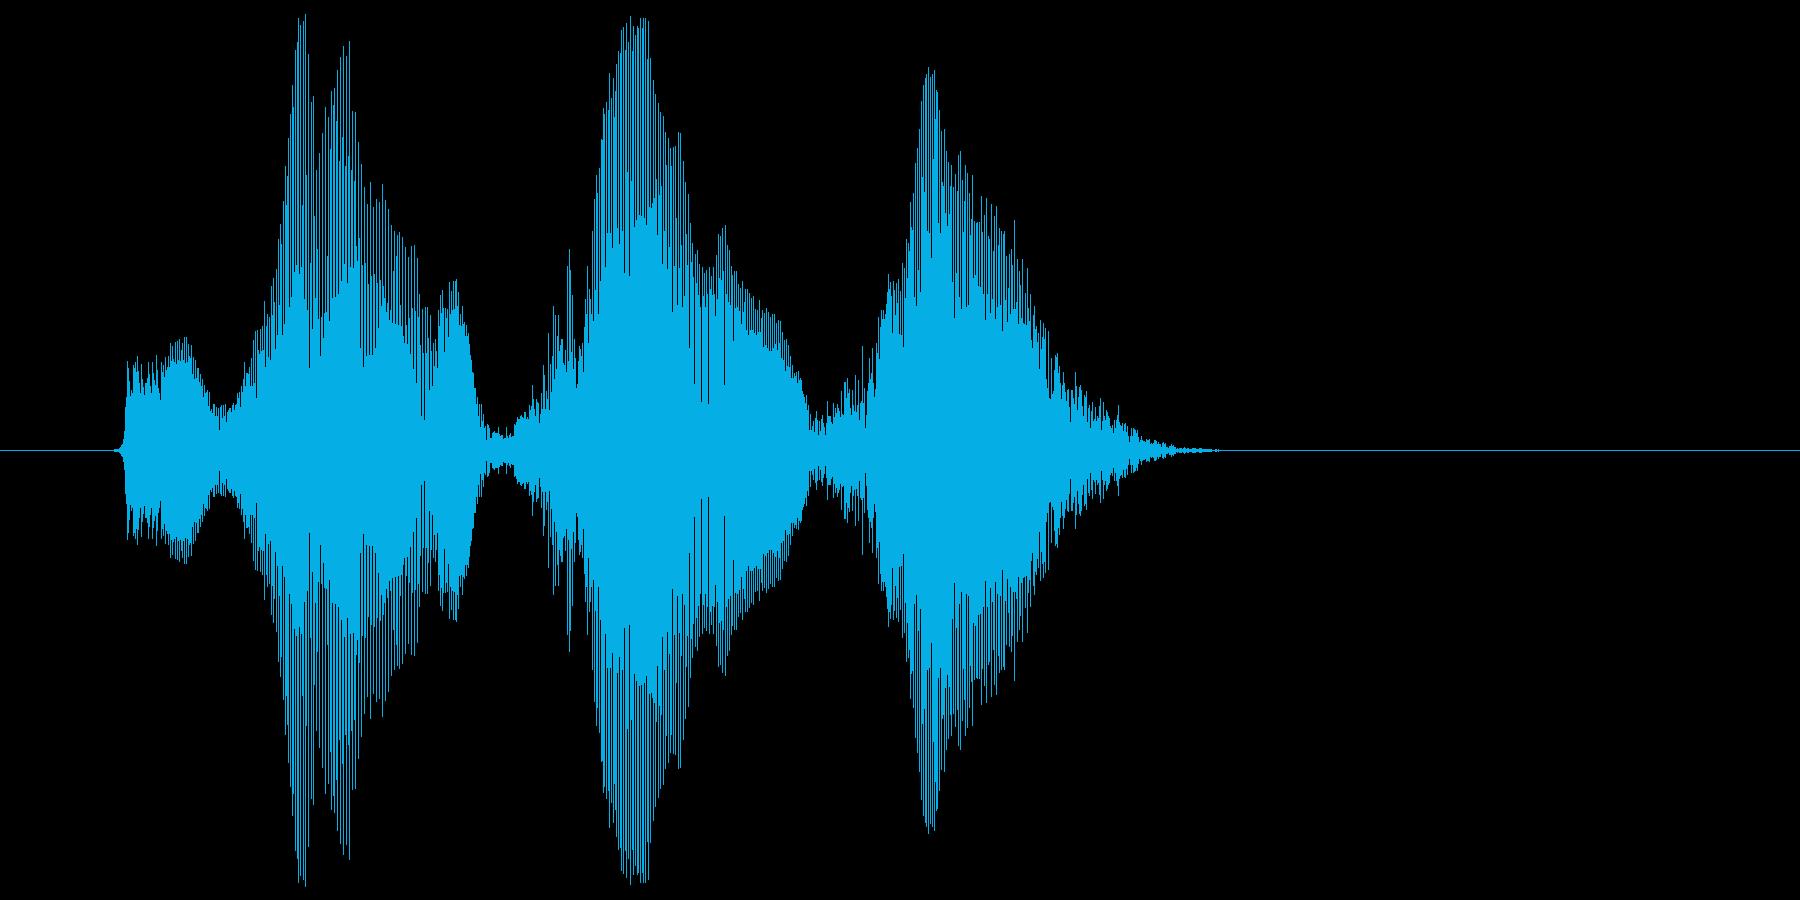 「ウハウハウハ」の再生済みの波形